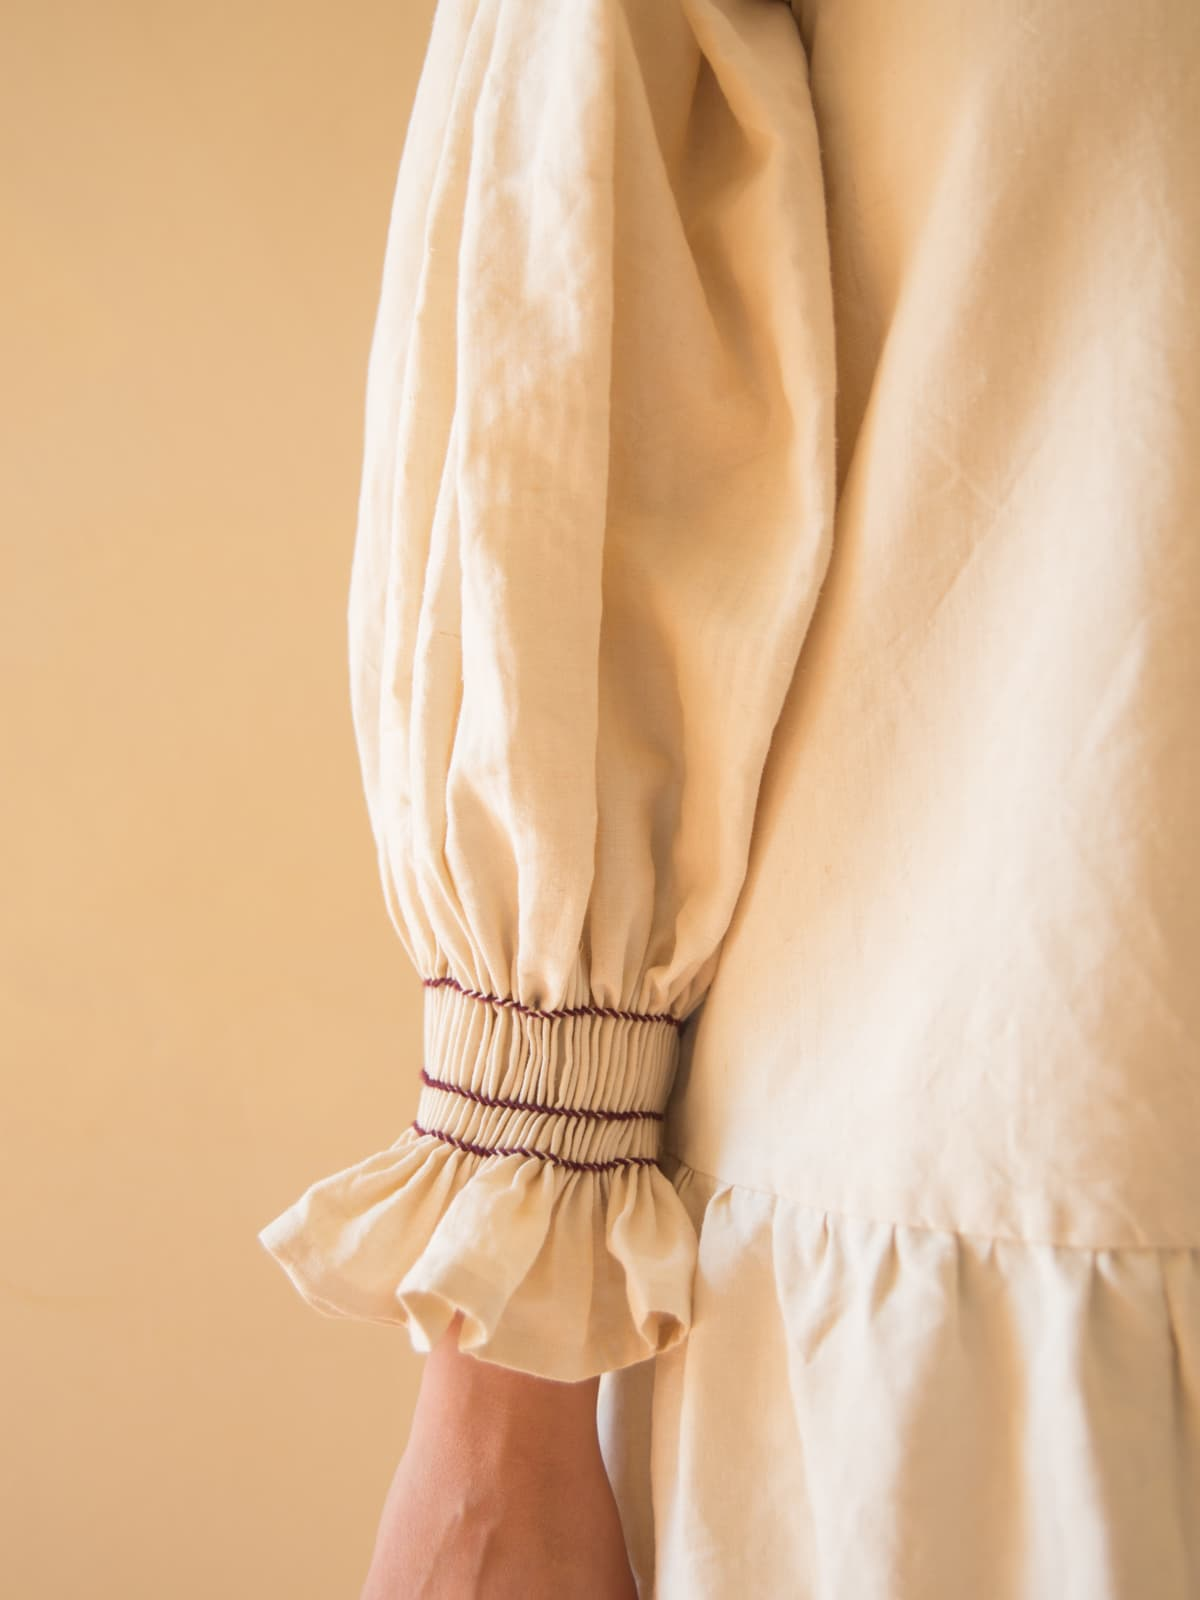 modular antique linen dress